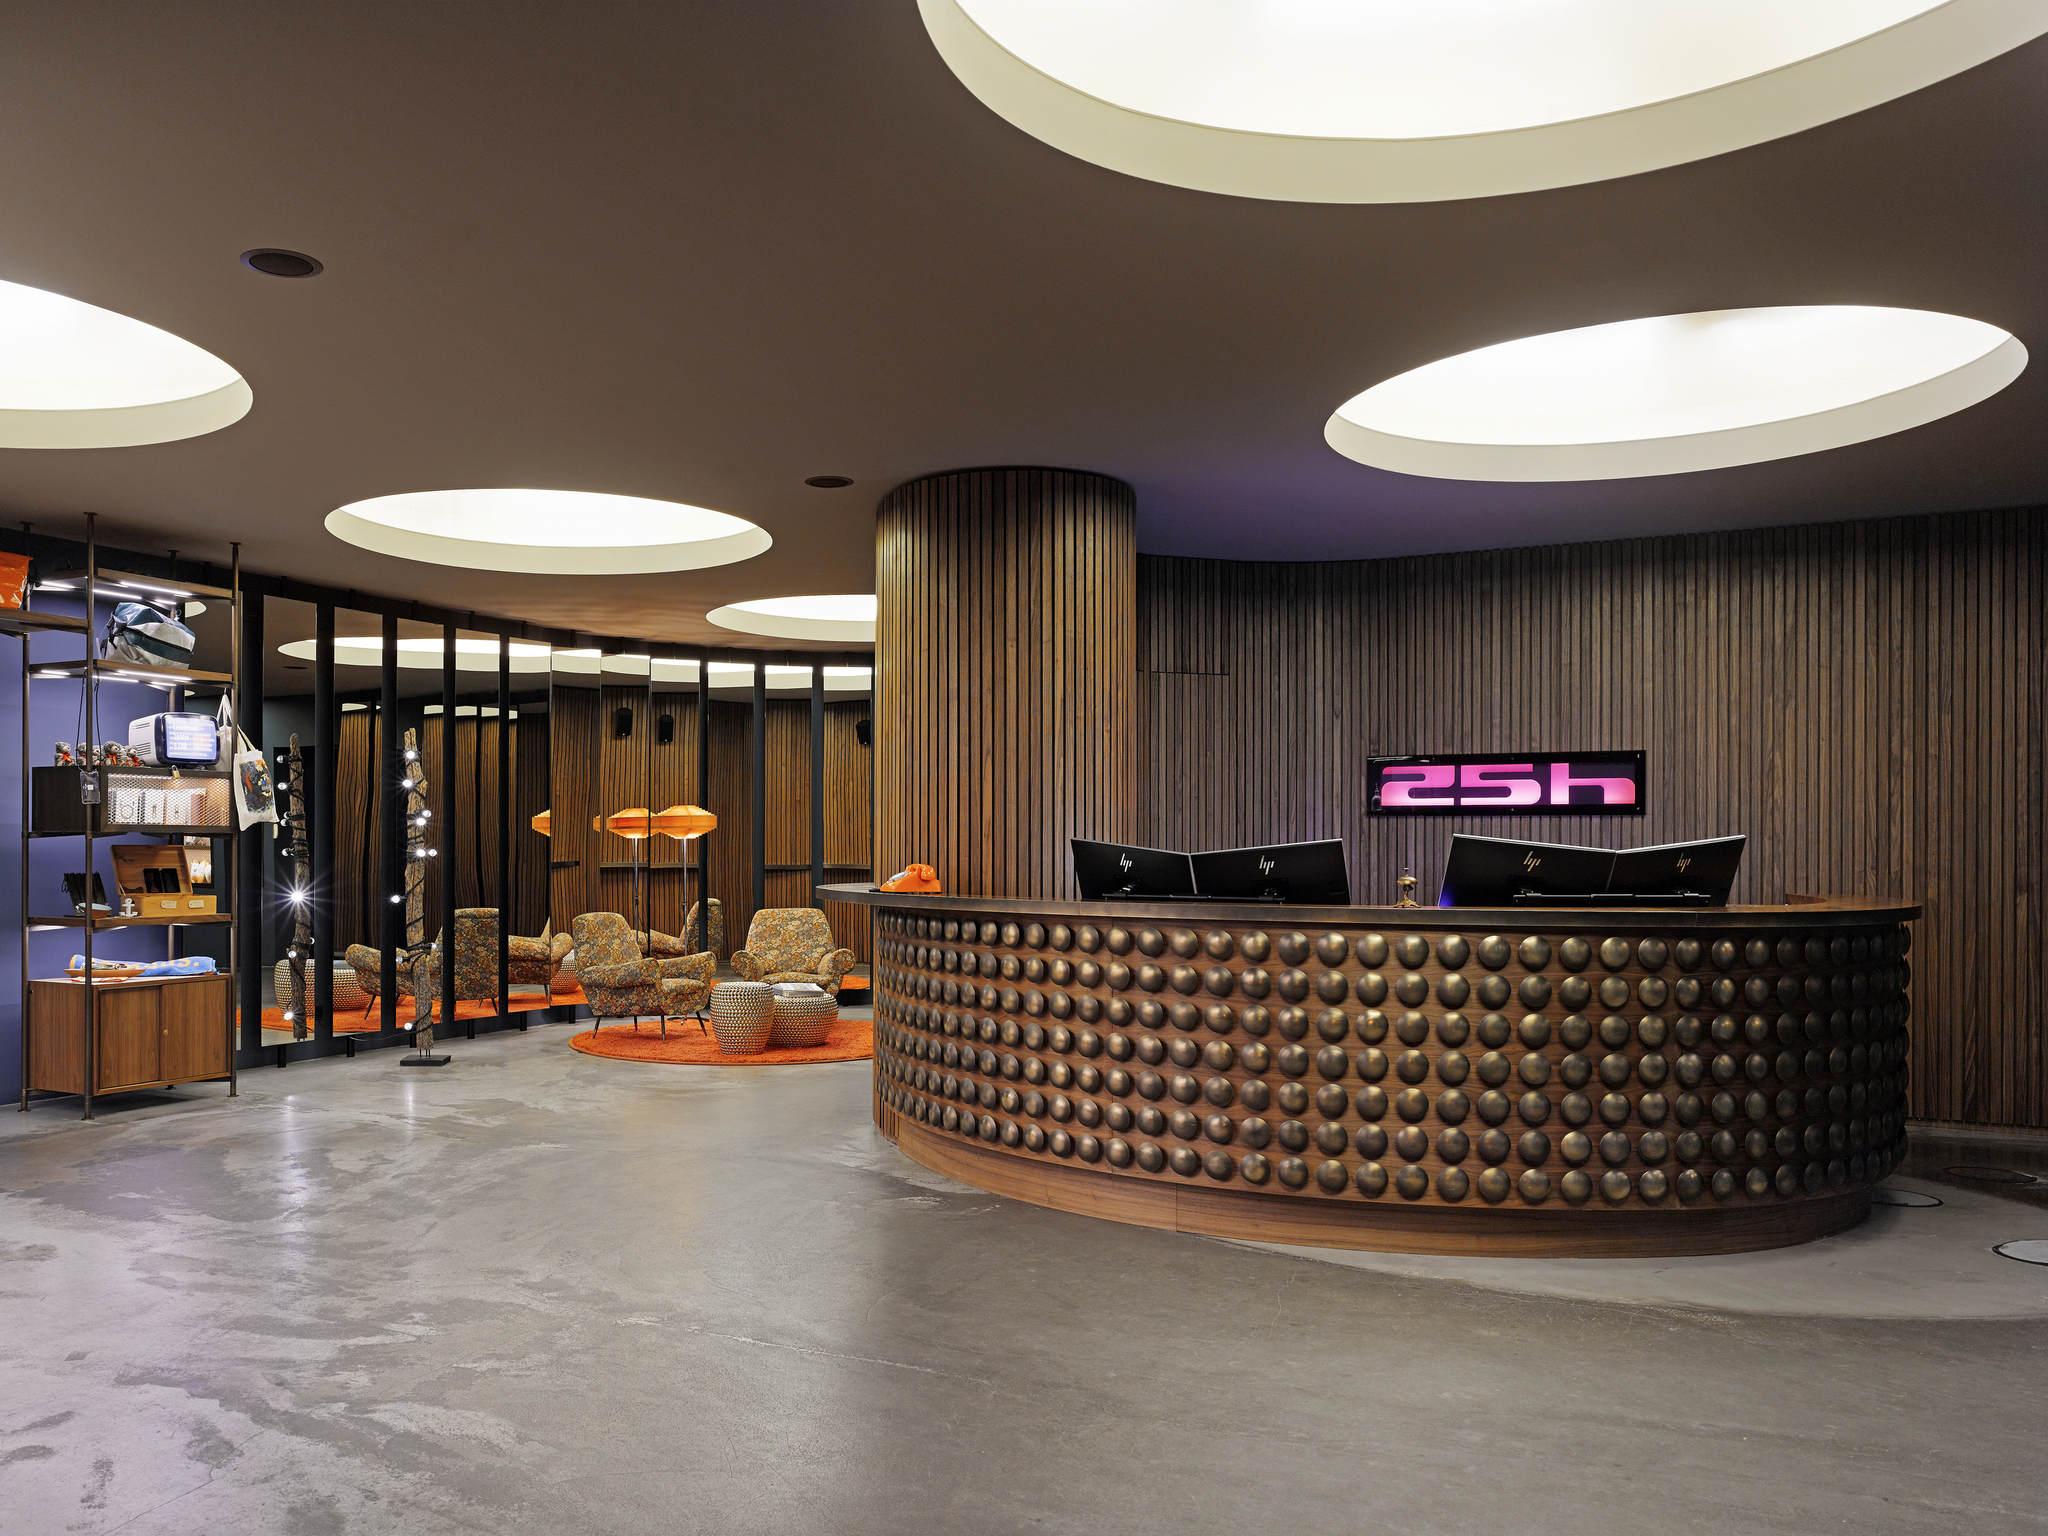 فندق - فندق 25 أورز هوتيل هامبورغ نمبر وان